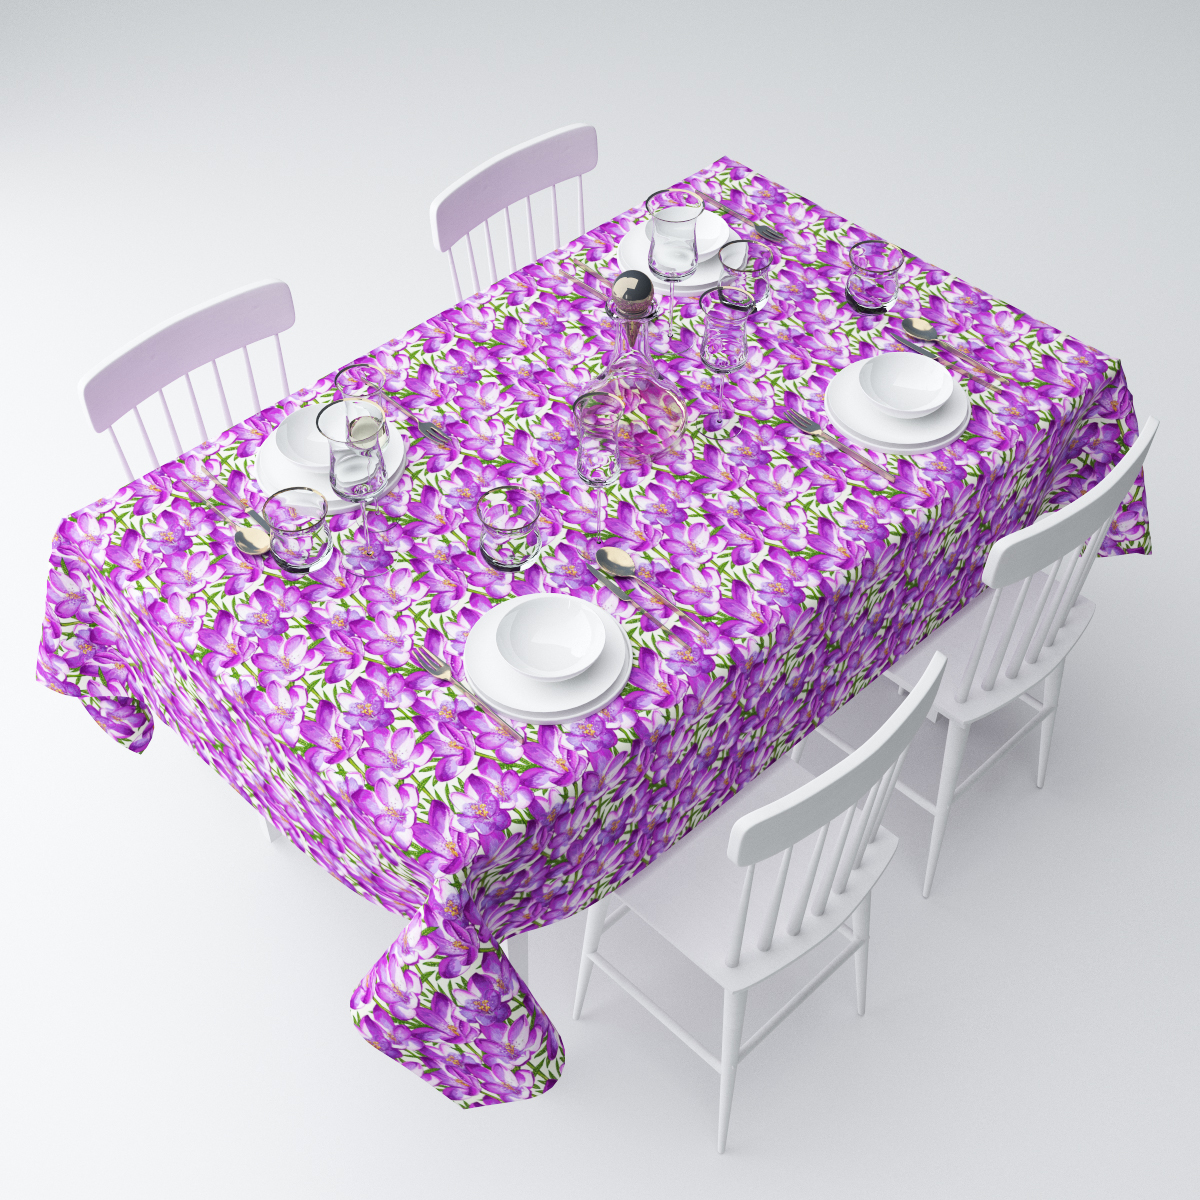 Скатерть Сирень Фиолетовый шафран, прямоугольная, 145 х 120 смСКГБ003-01802Прямоугольная скатерть Сирень Фиолетовый шафран, выполненная из габардина с ярким рисунком, преобразит вашу кухню, визуально расширит пространство, создаст атмосферу радости и комфорта. Рекомендации по уходу: стирка при 30 градусах, гладить при температуре до 110 градусов.Размер скатерти: 145 х 120 см. Изображение может немного отличаться от реального.